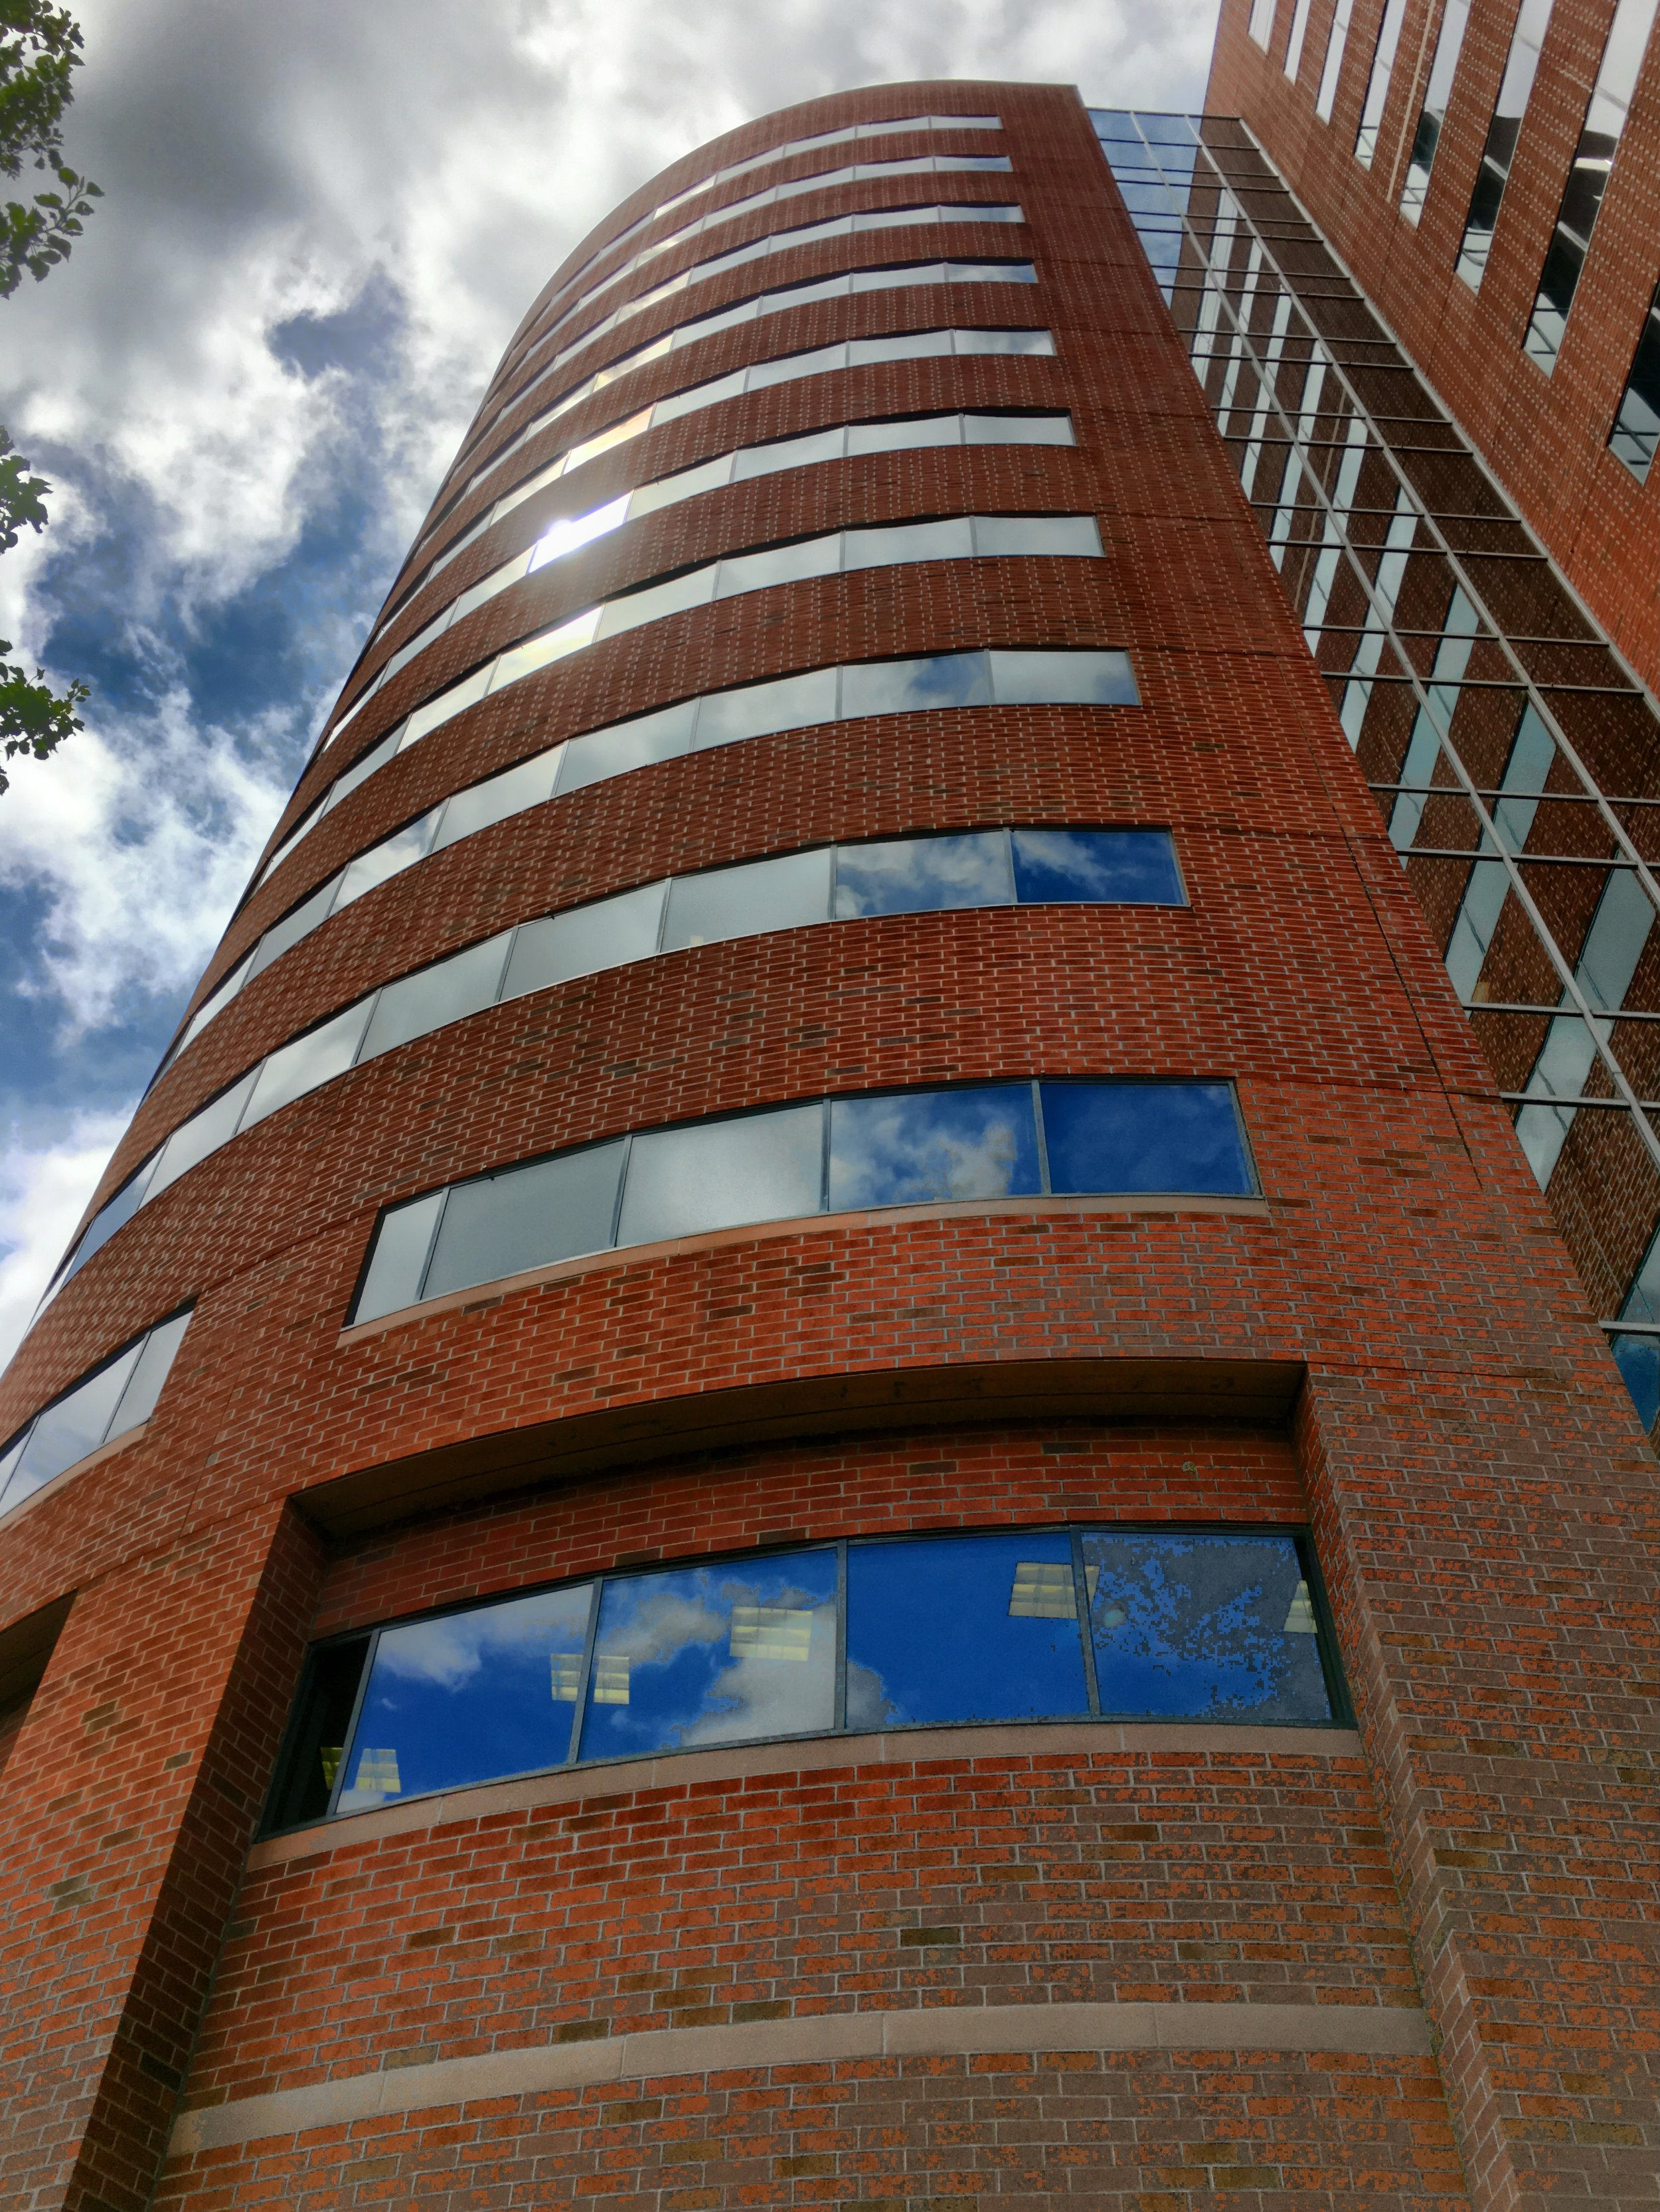 Architecture01-original.JPG